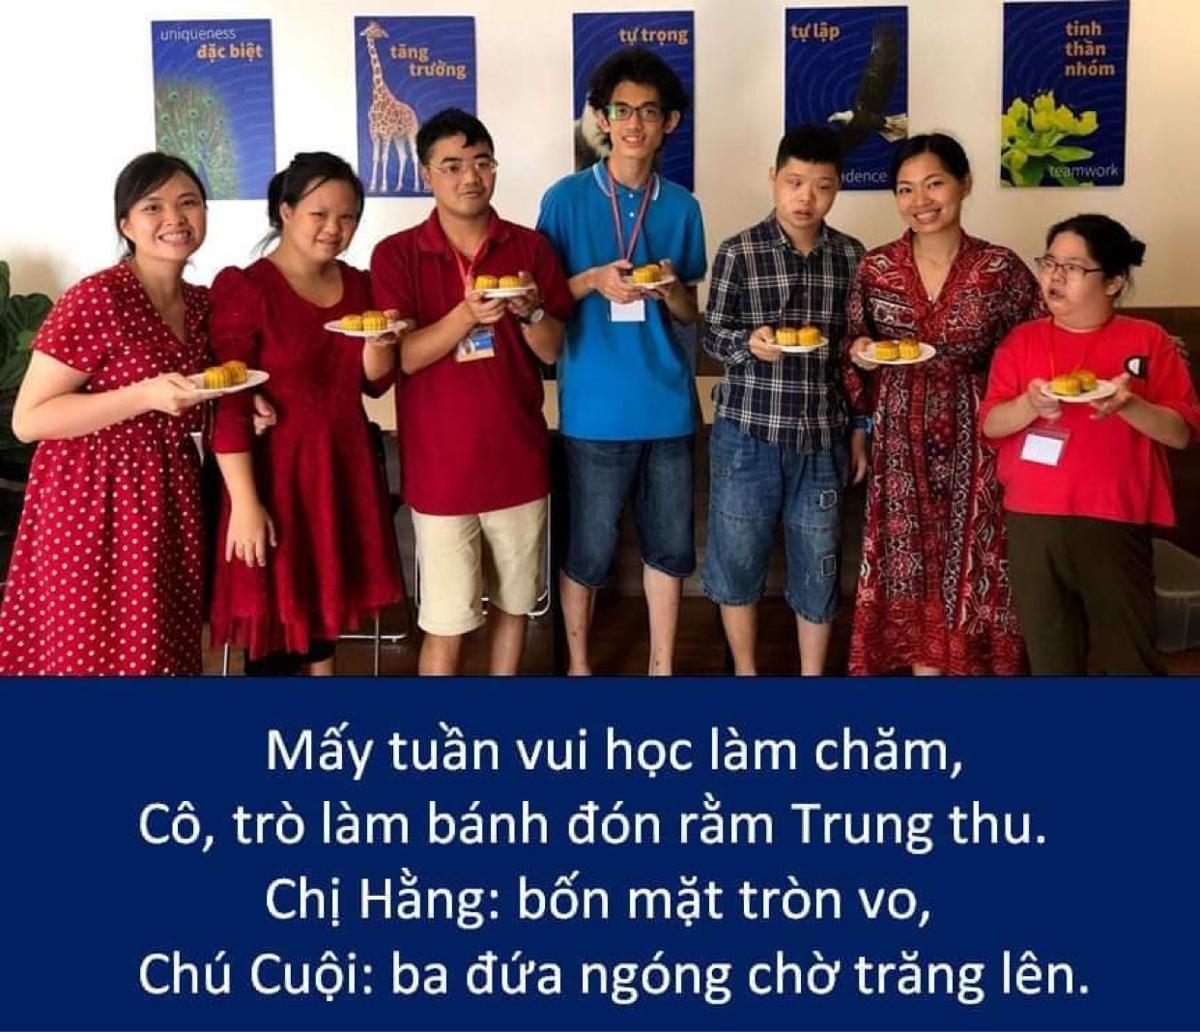 Những vần thơ vui của một phụ huynh học viên gửi tới Imago Work